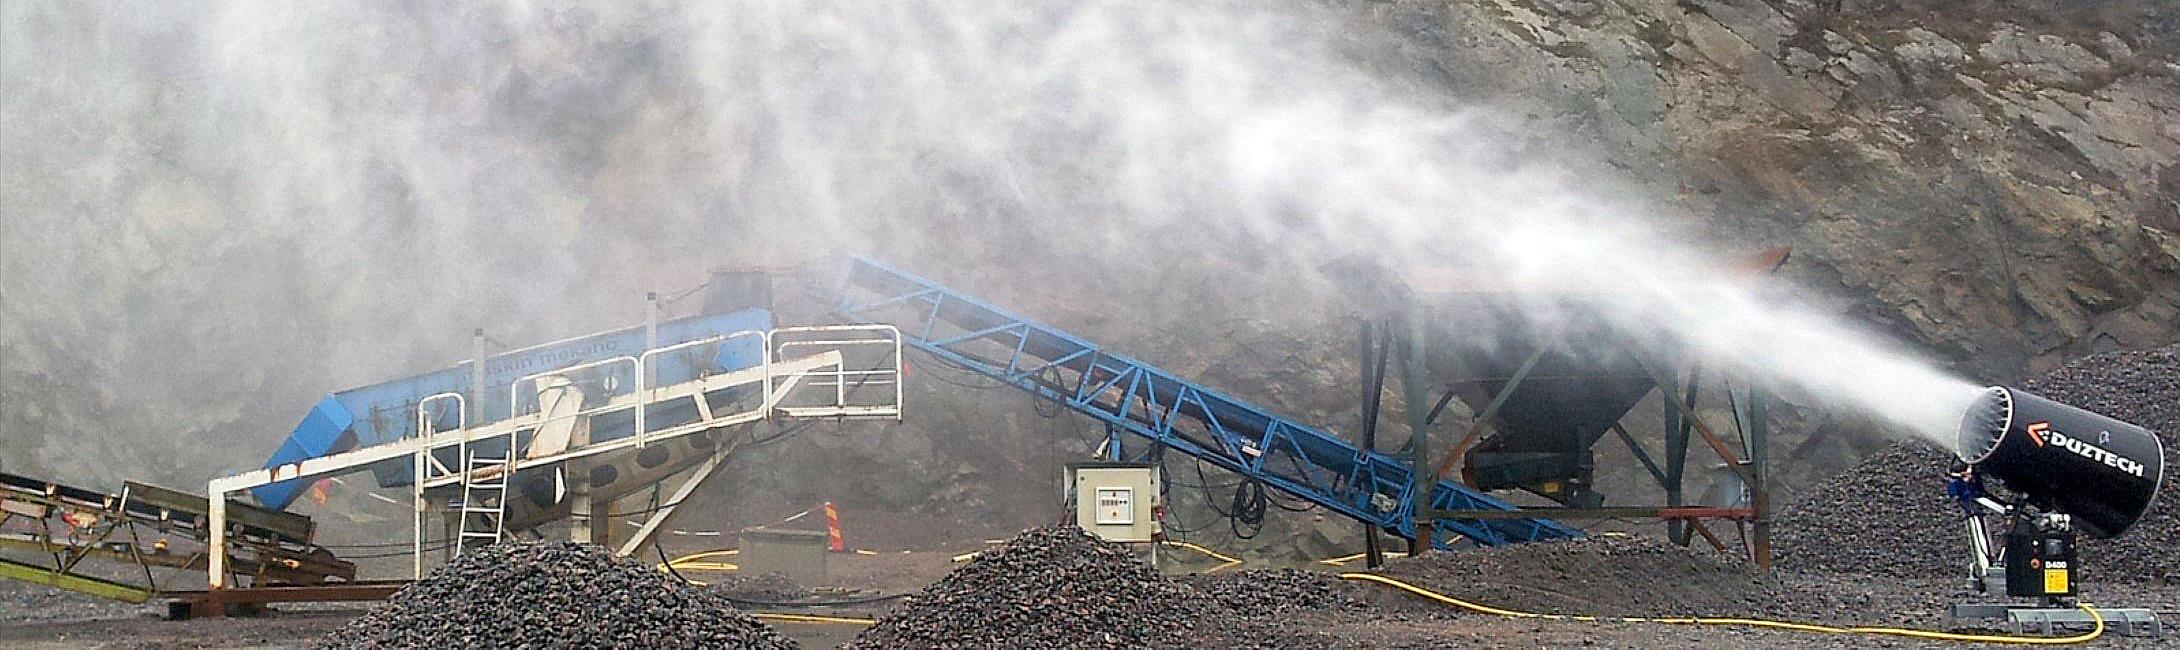 Sistema de utilización de agua para la supresión de polvo